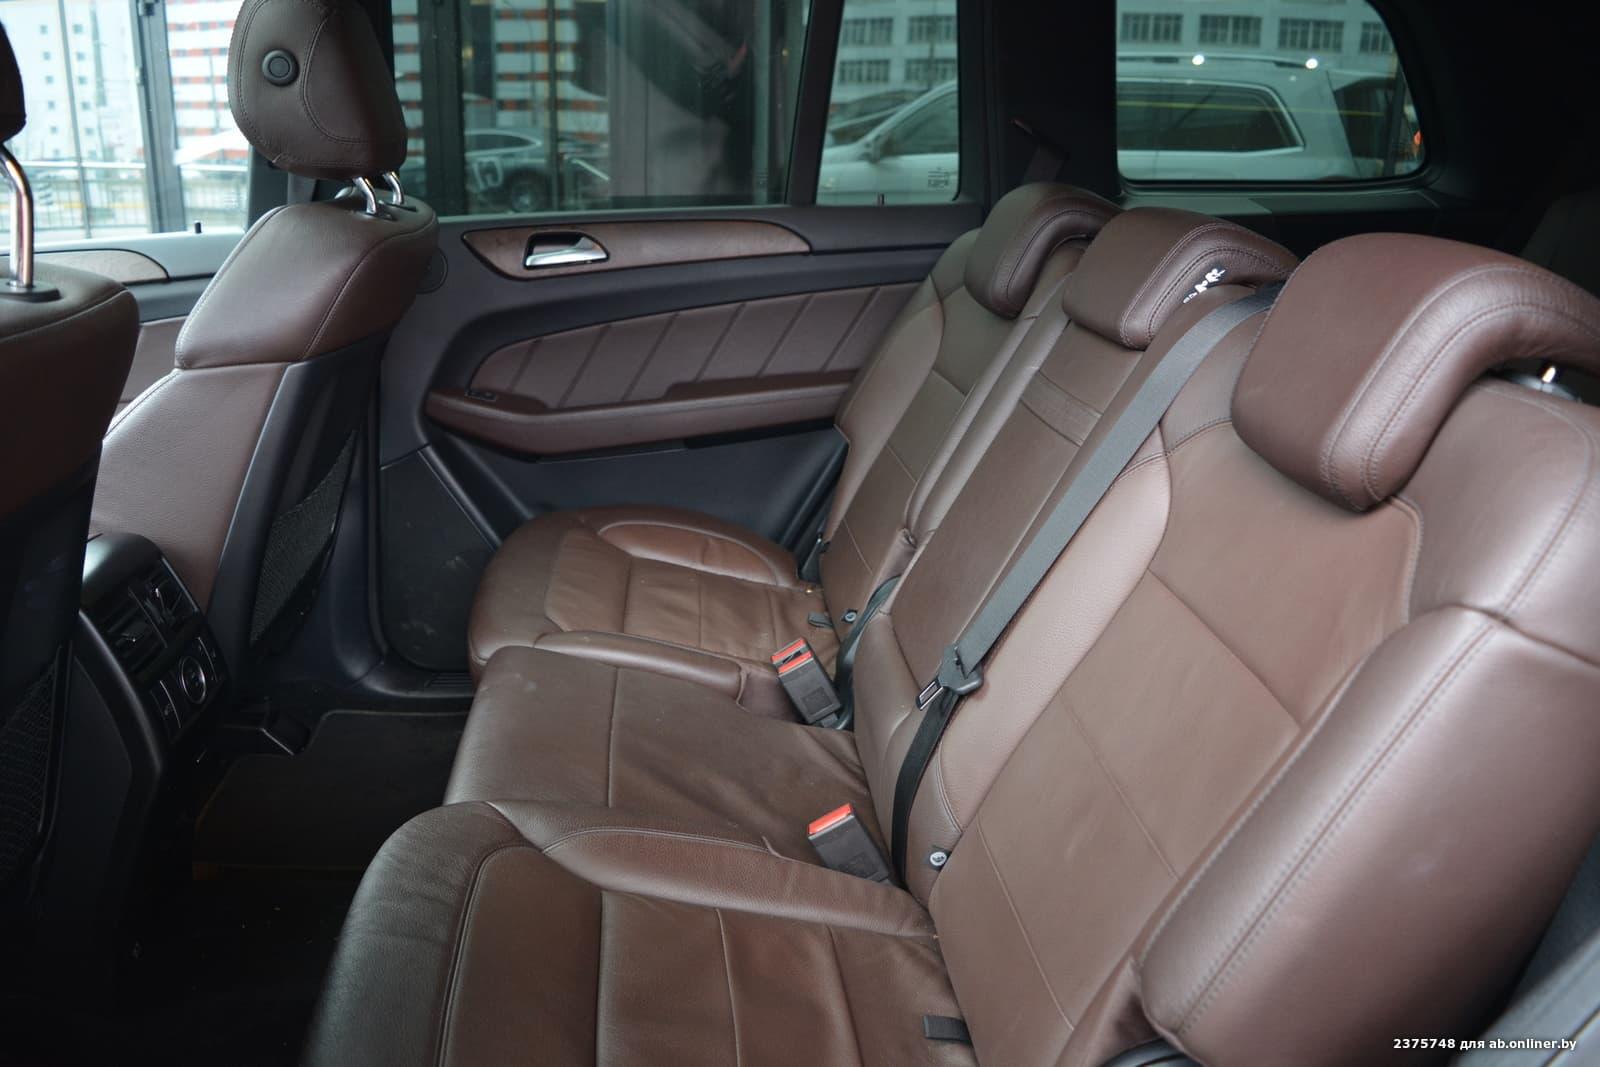 Mercedes-Benz GL350 BlueTEC 4MATIC